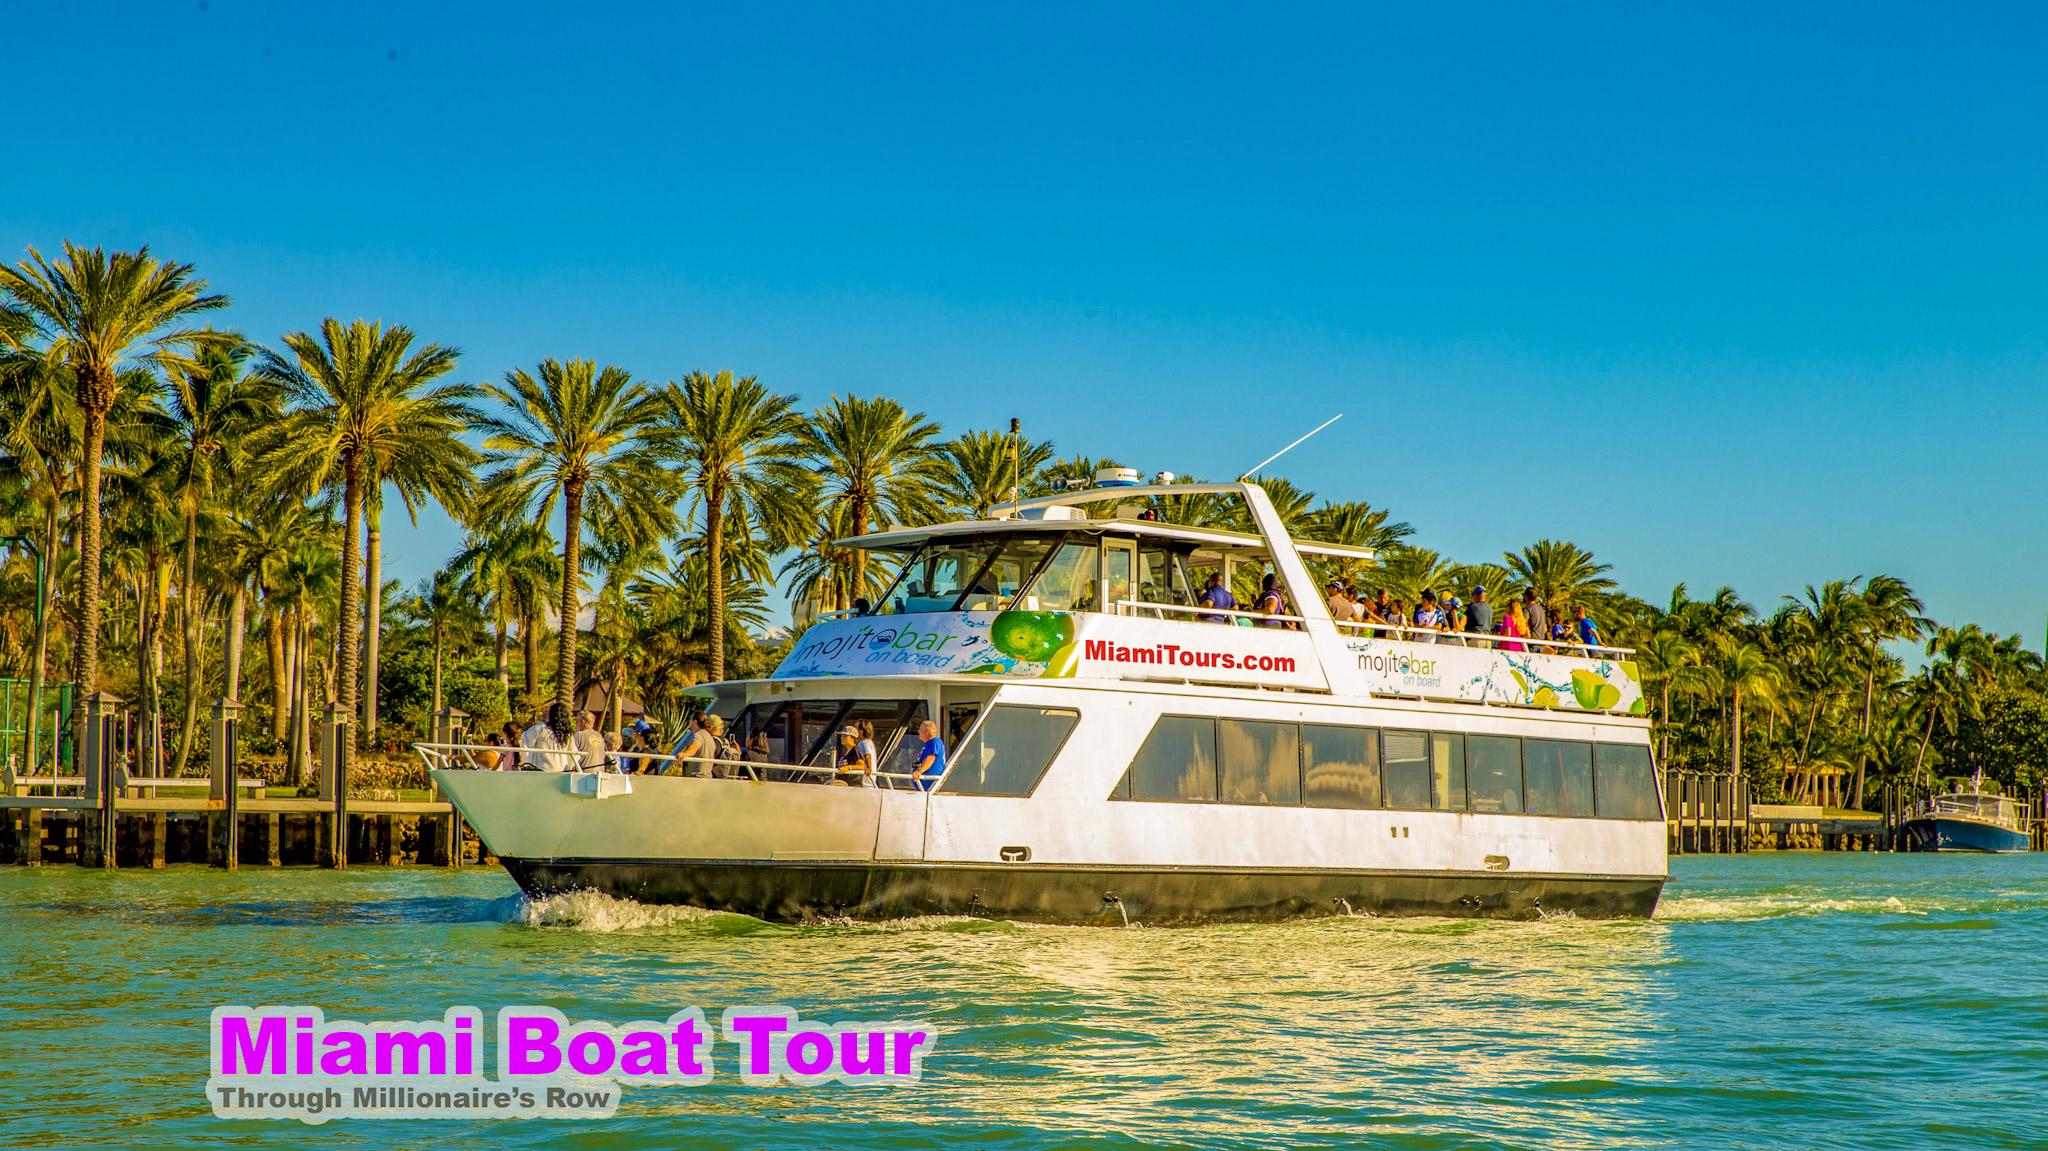 miami-boat-tour.jpg